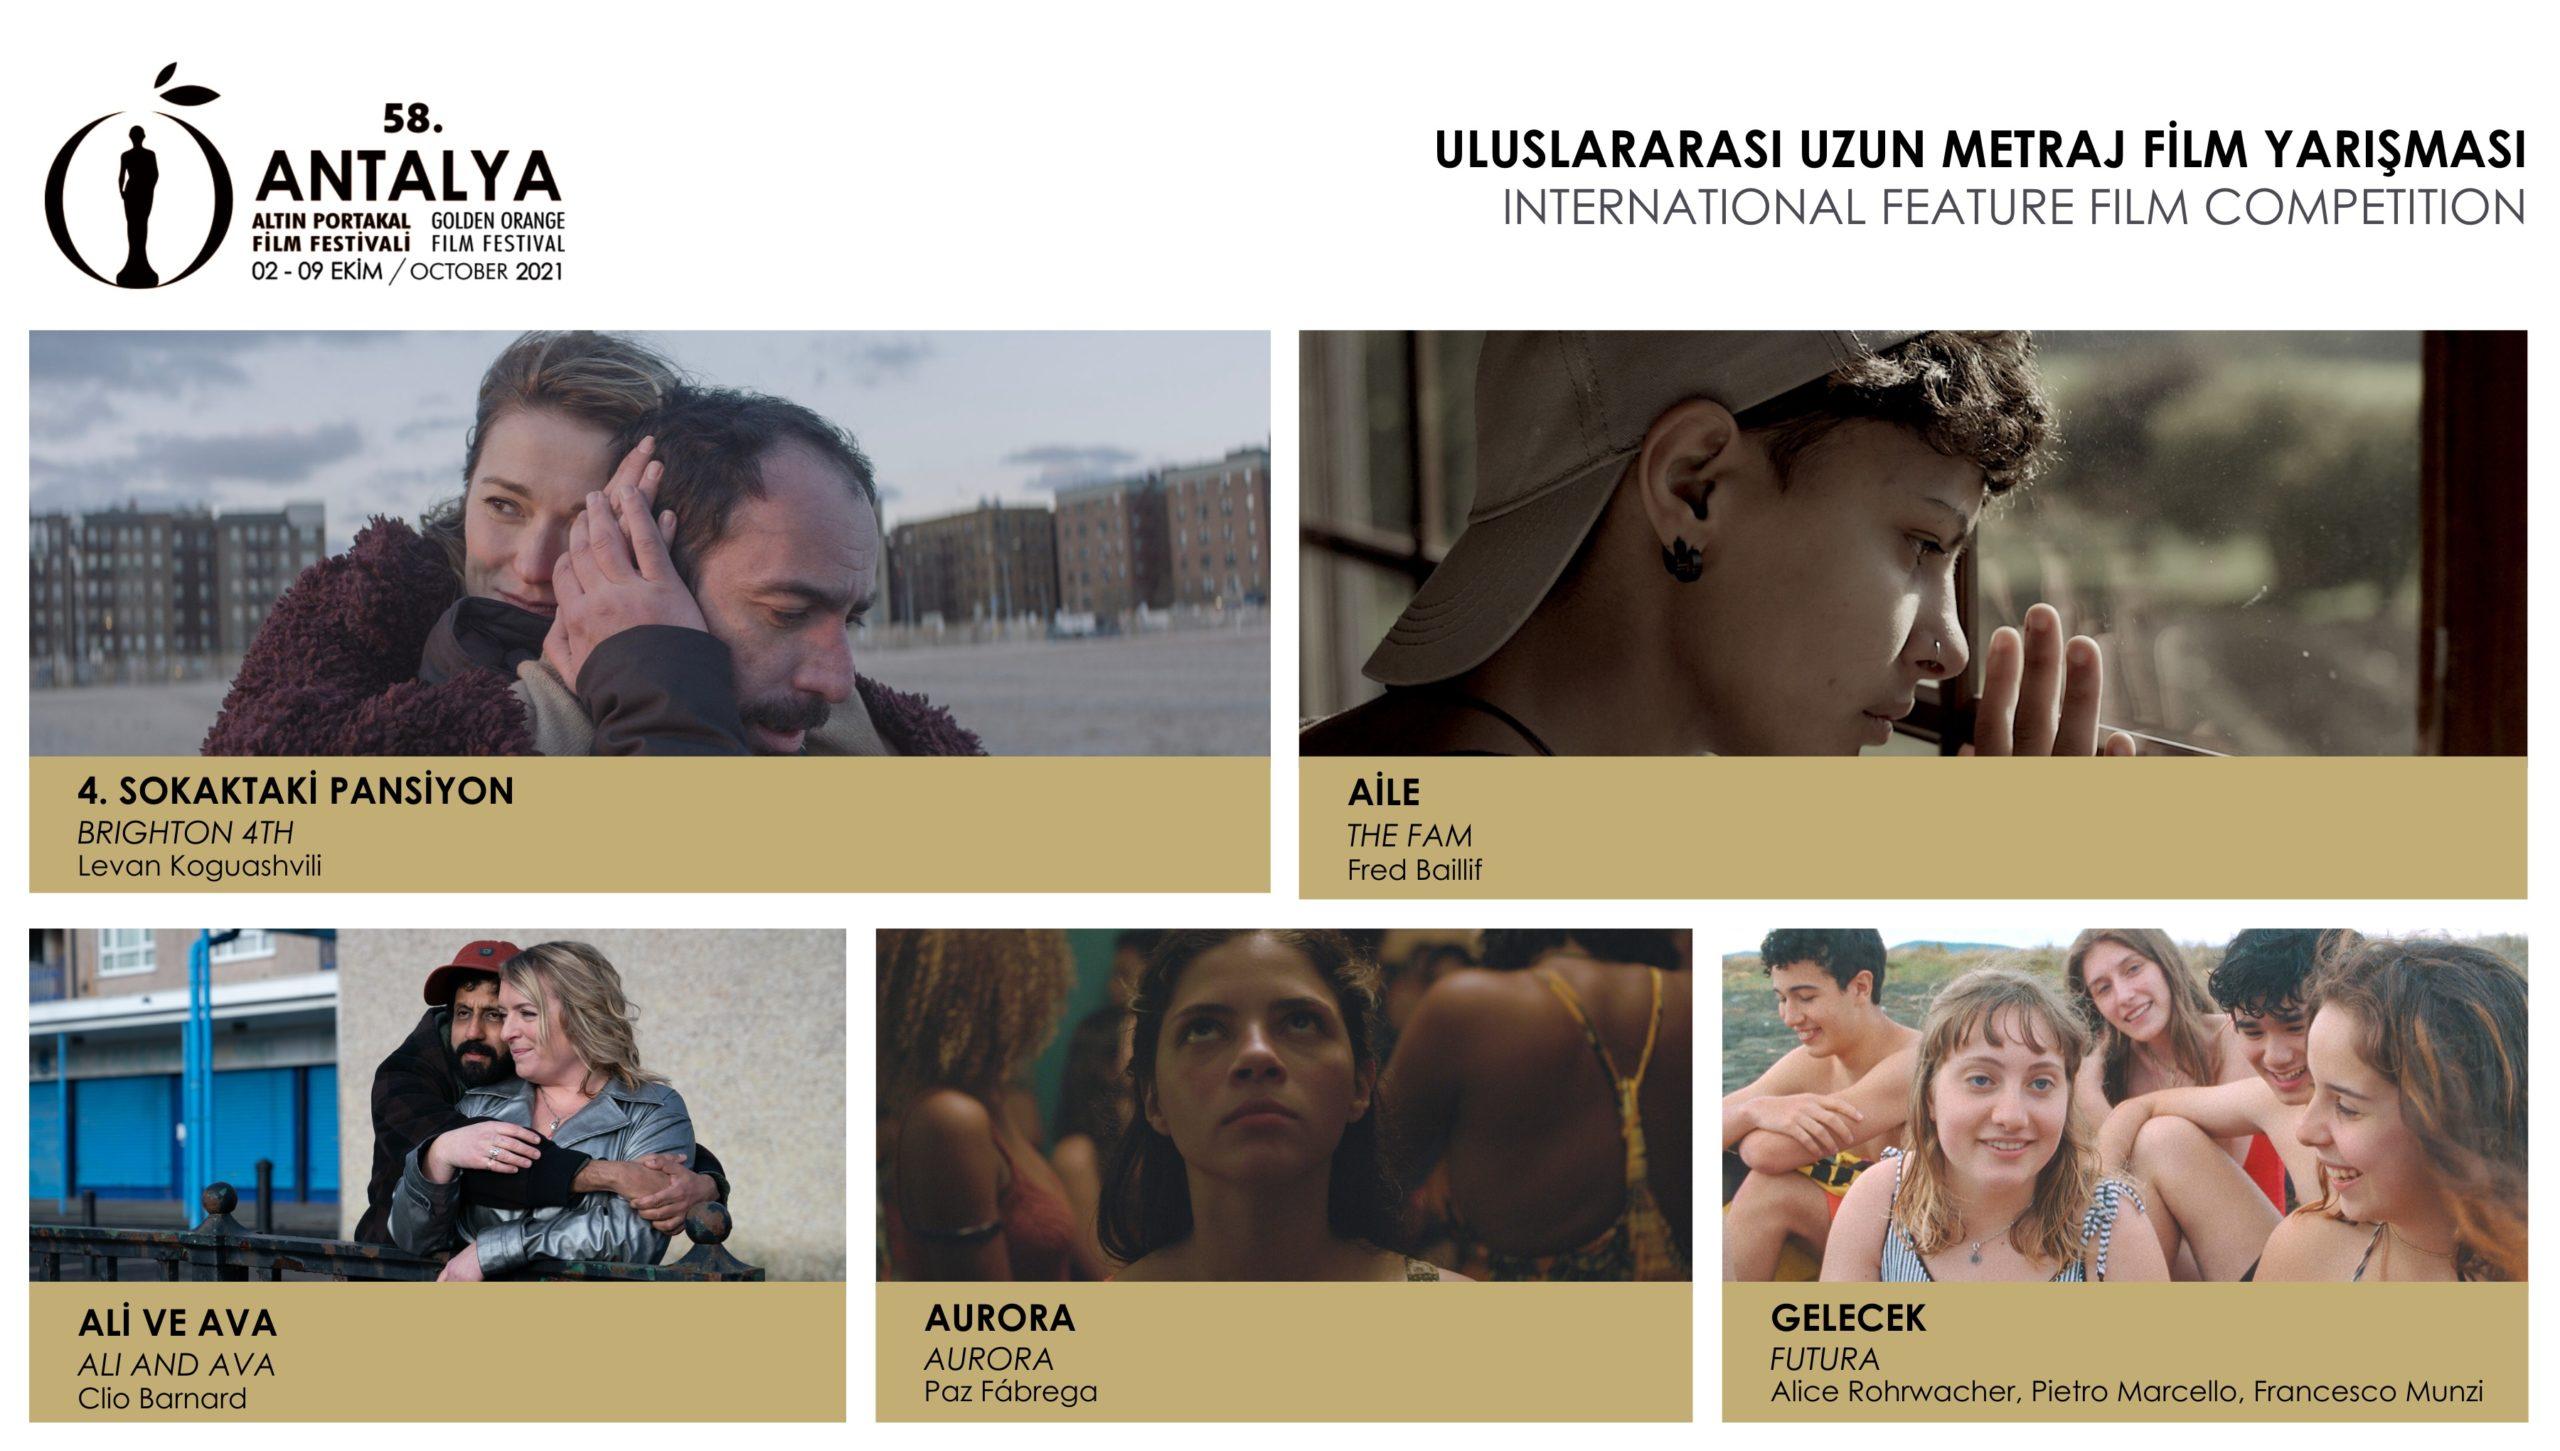 58 Antalya Altın Portakal Film Festivali Uluslararası Uzun Metraj Film Yarışması fil'm hafızası